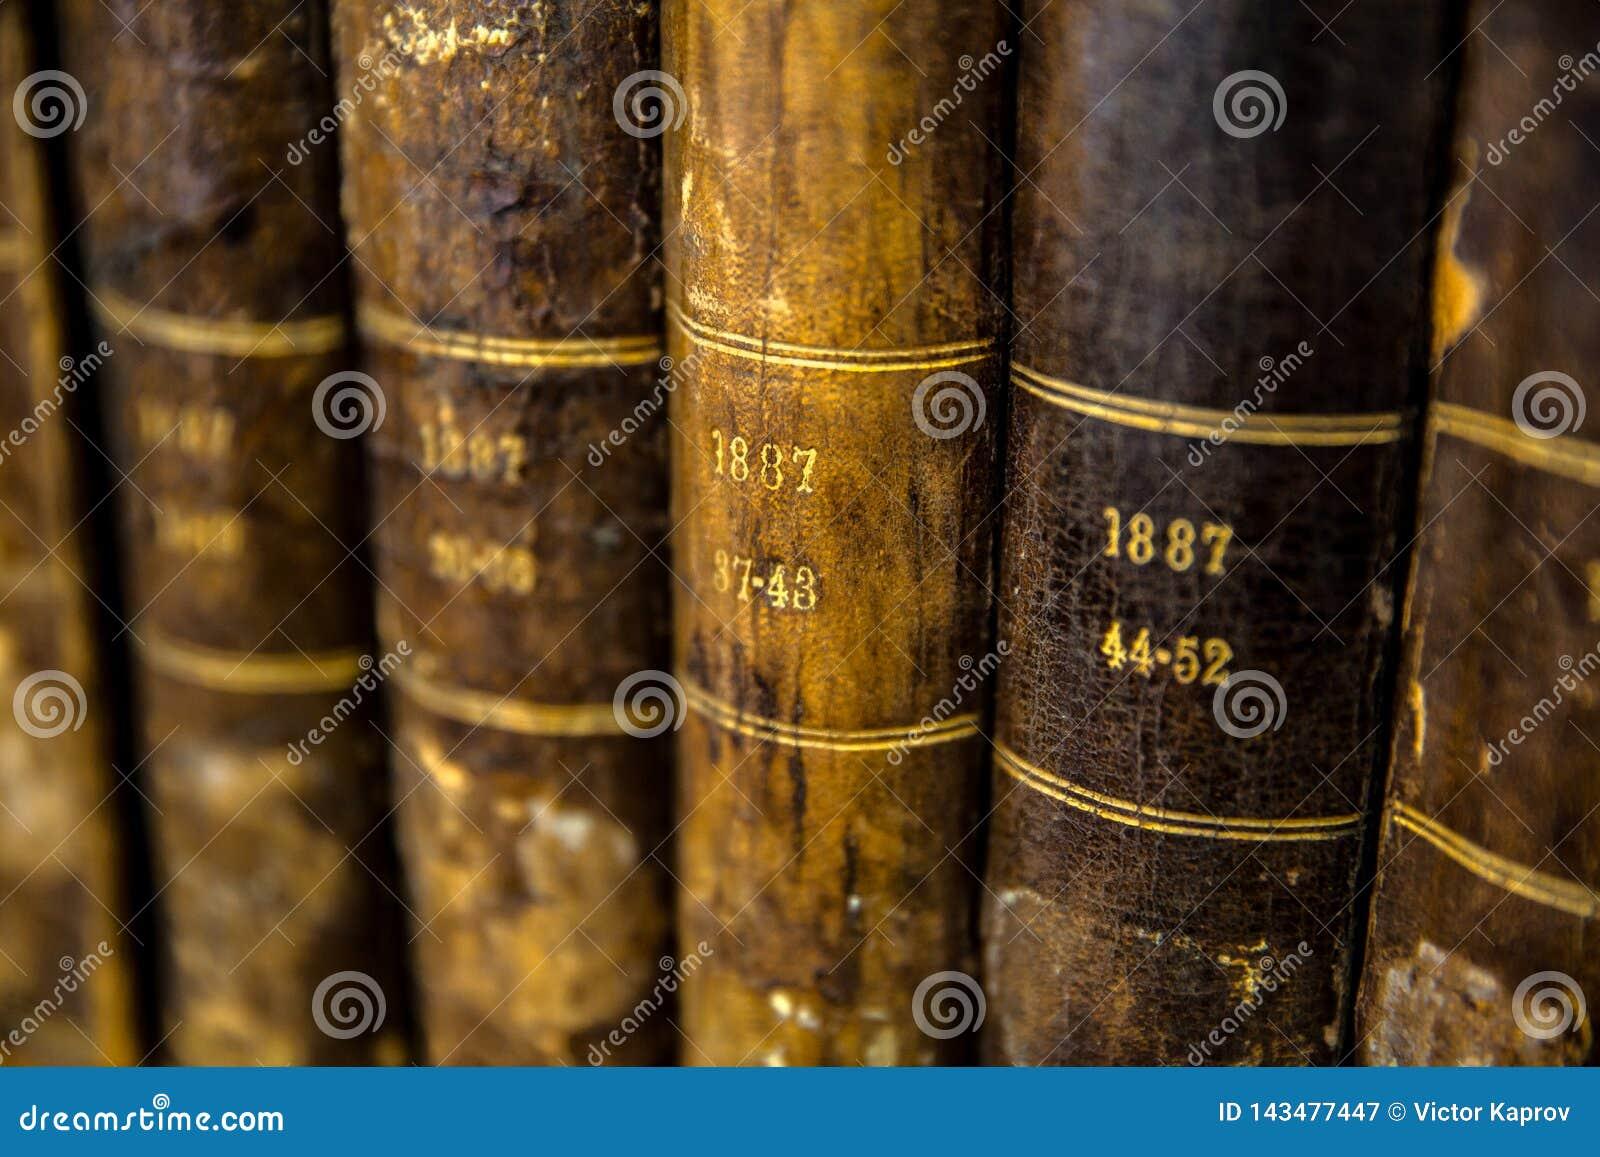 Κινηματογράφηση σε πρώτο πλάνο διάφορων πολύ παλαιών βιβλίων